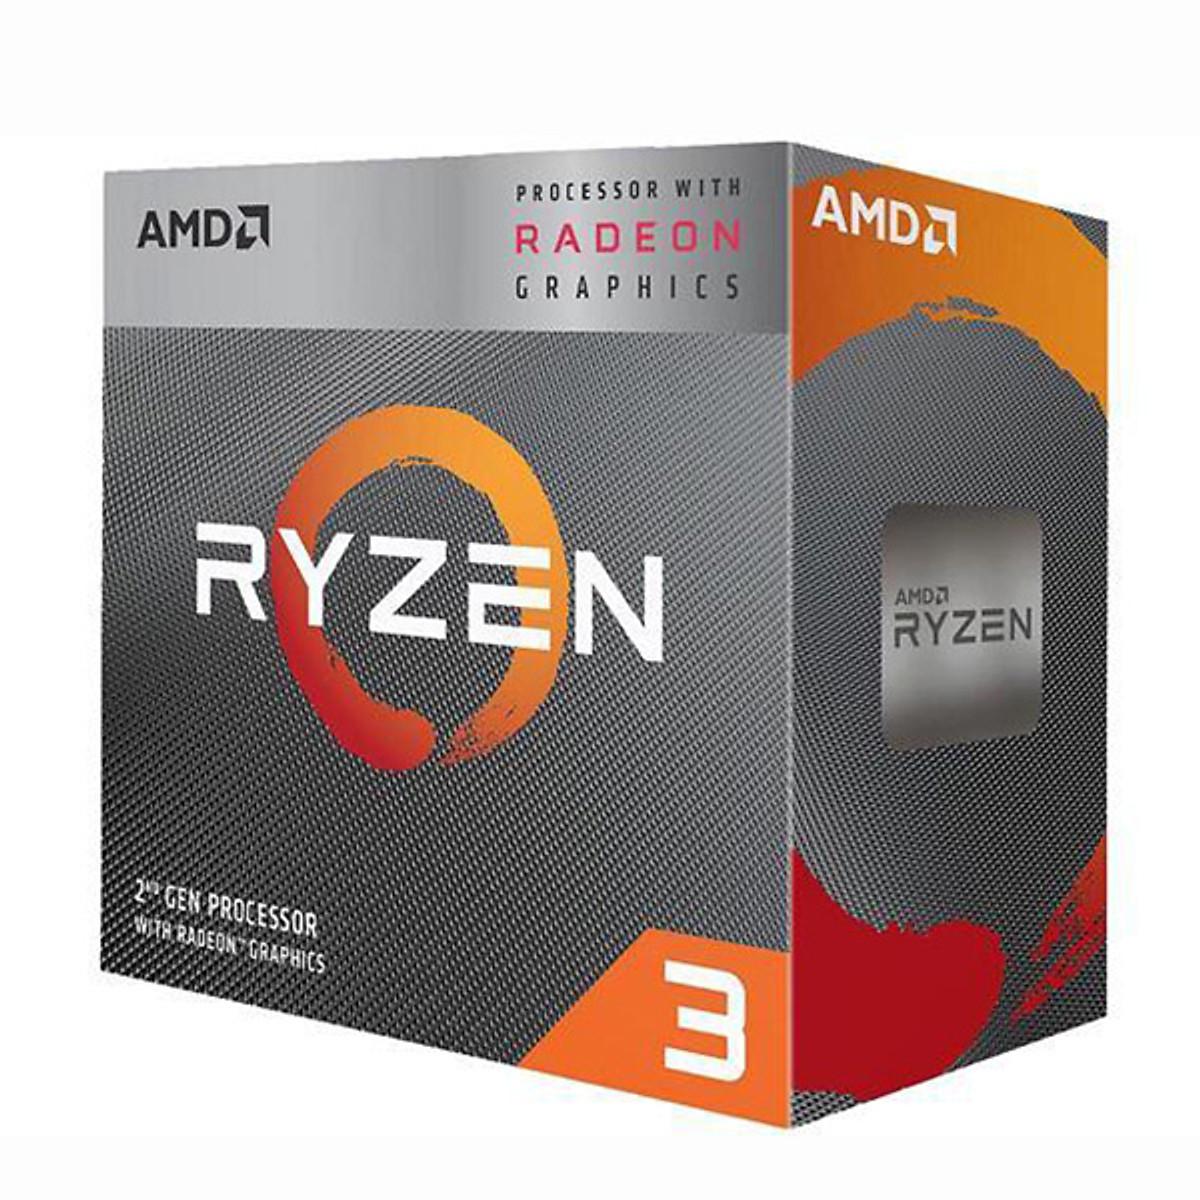 Bộ vi xử lý CPU AMD Ryzen 3 3200G – Hàng chính hãng